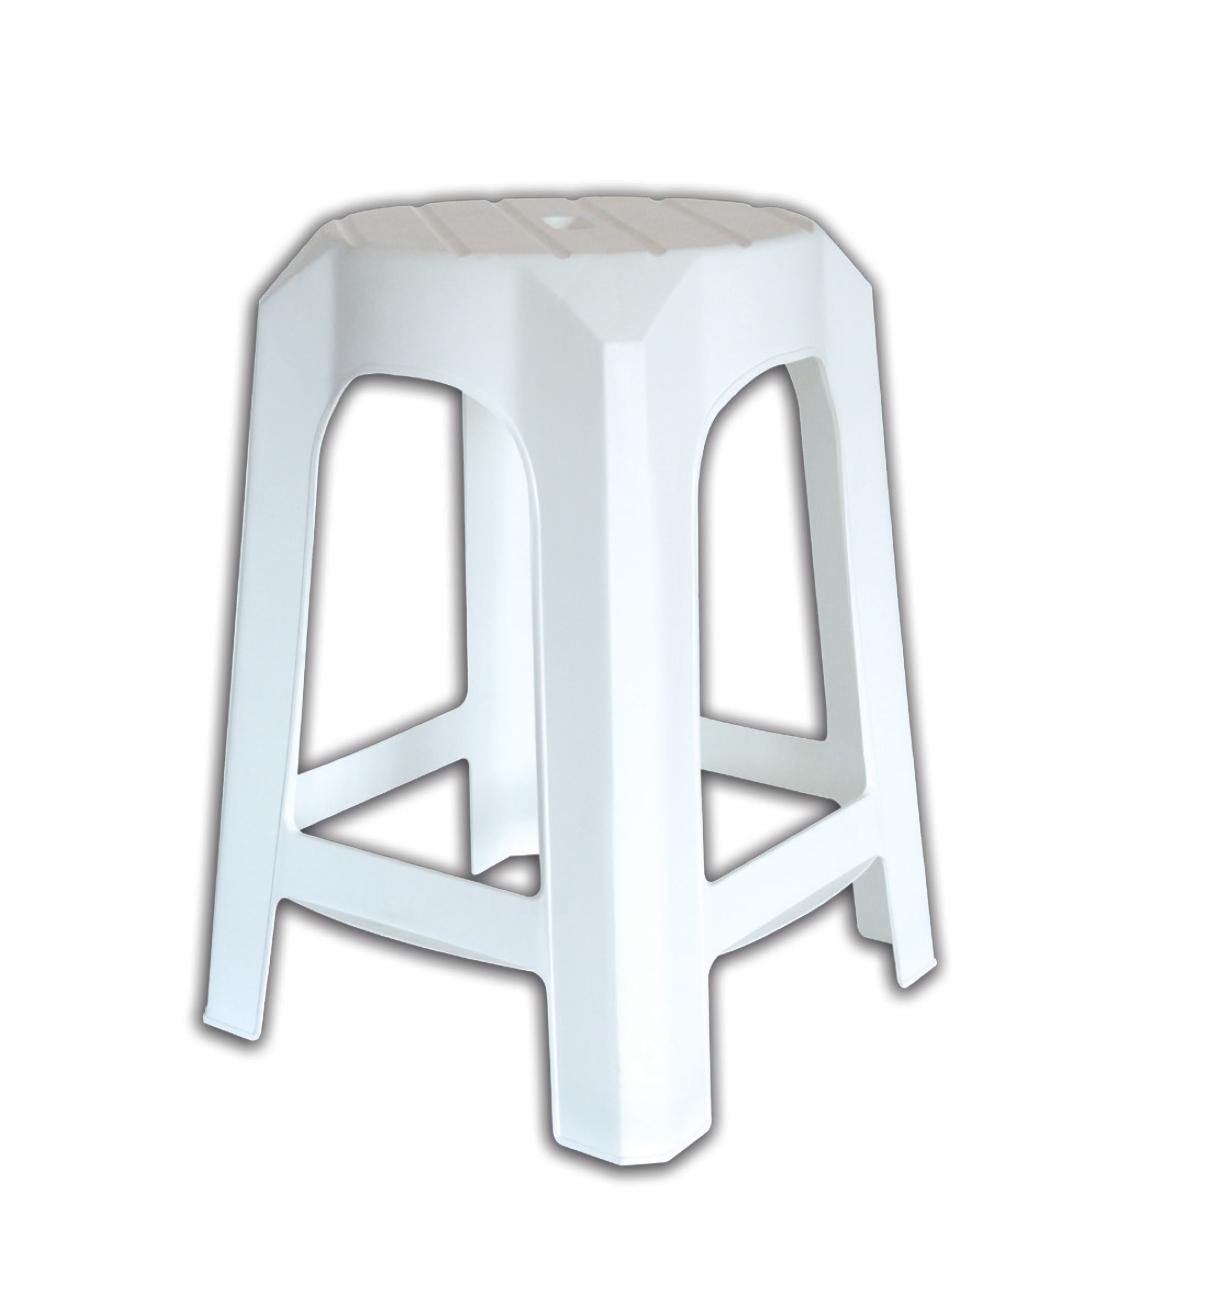 Tables Et Chaises Mobilier De Jardin Pas Cher En Livraison